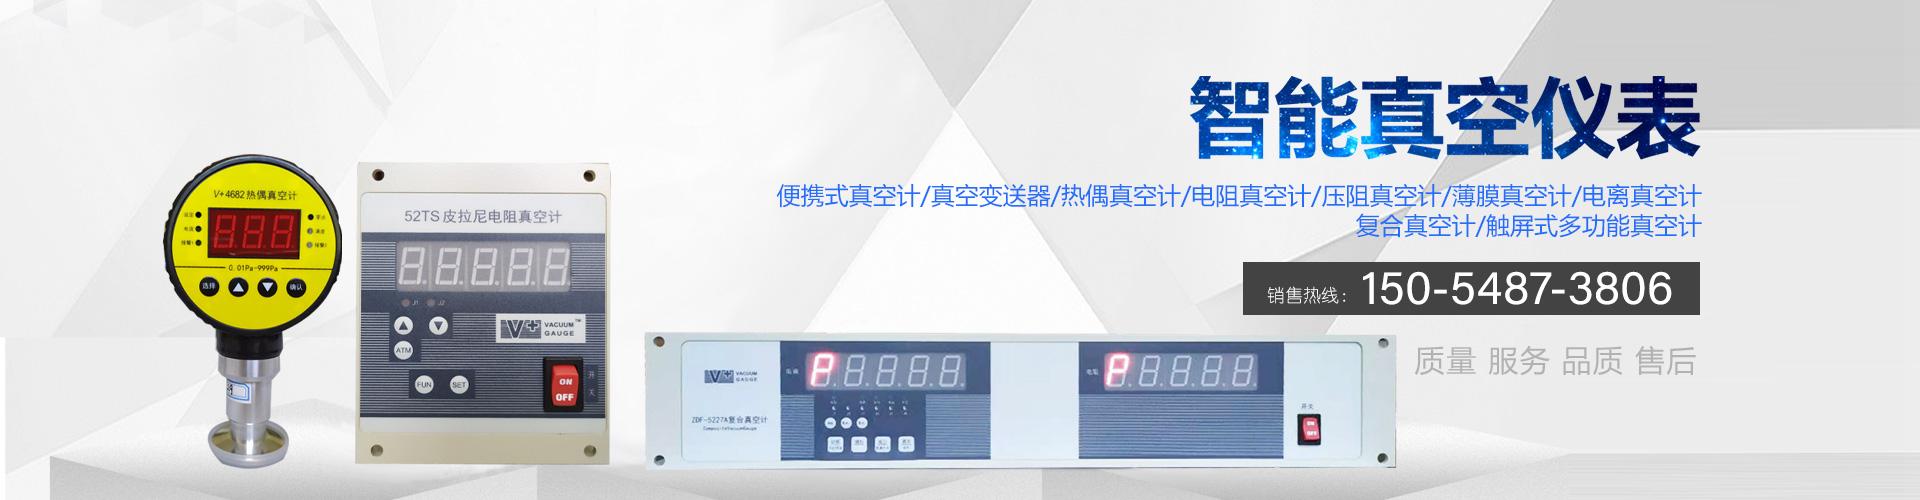 济宁晨阳真空仪器有限公司